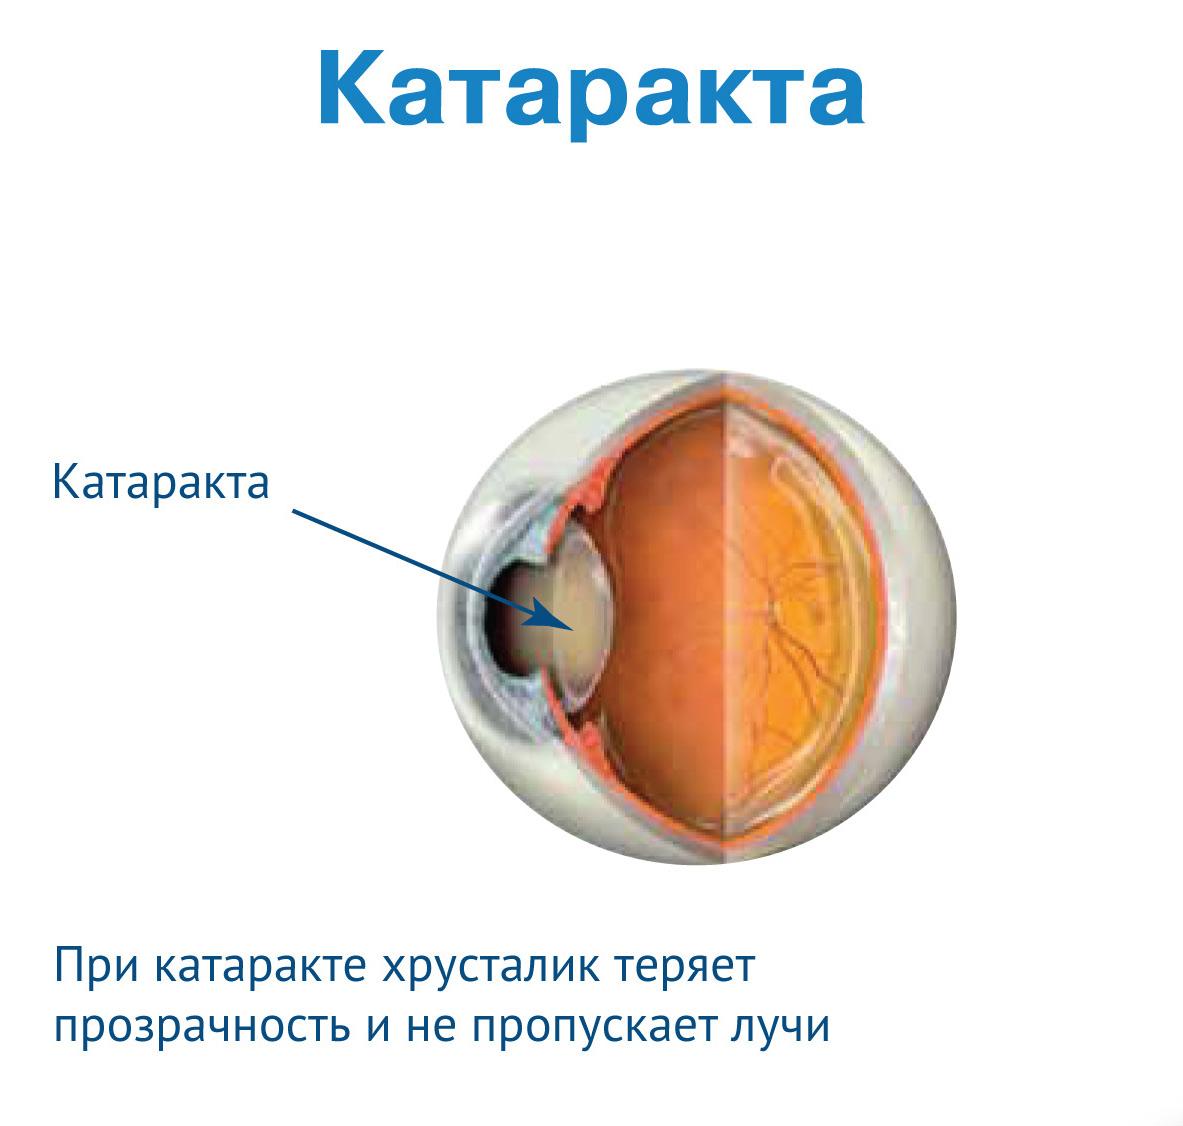 Вам поставили диагноз катаракта глаза? что это такое и как жить дальше